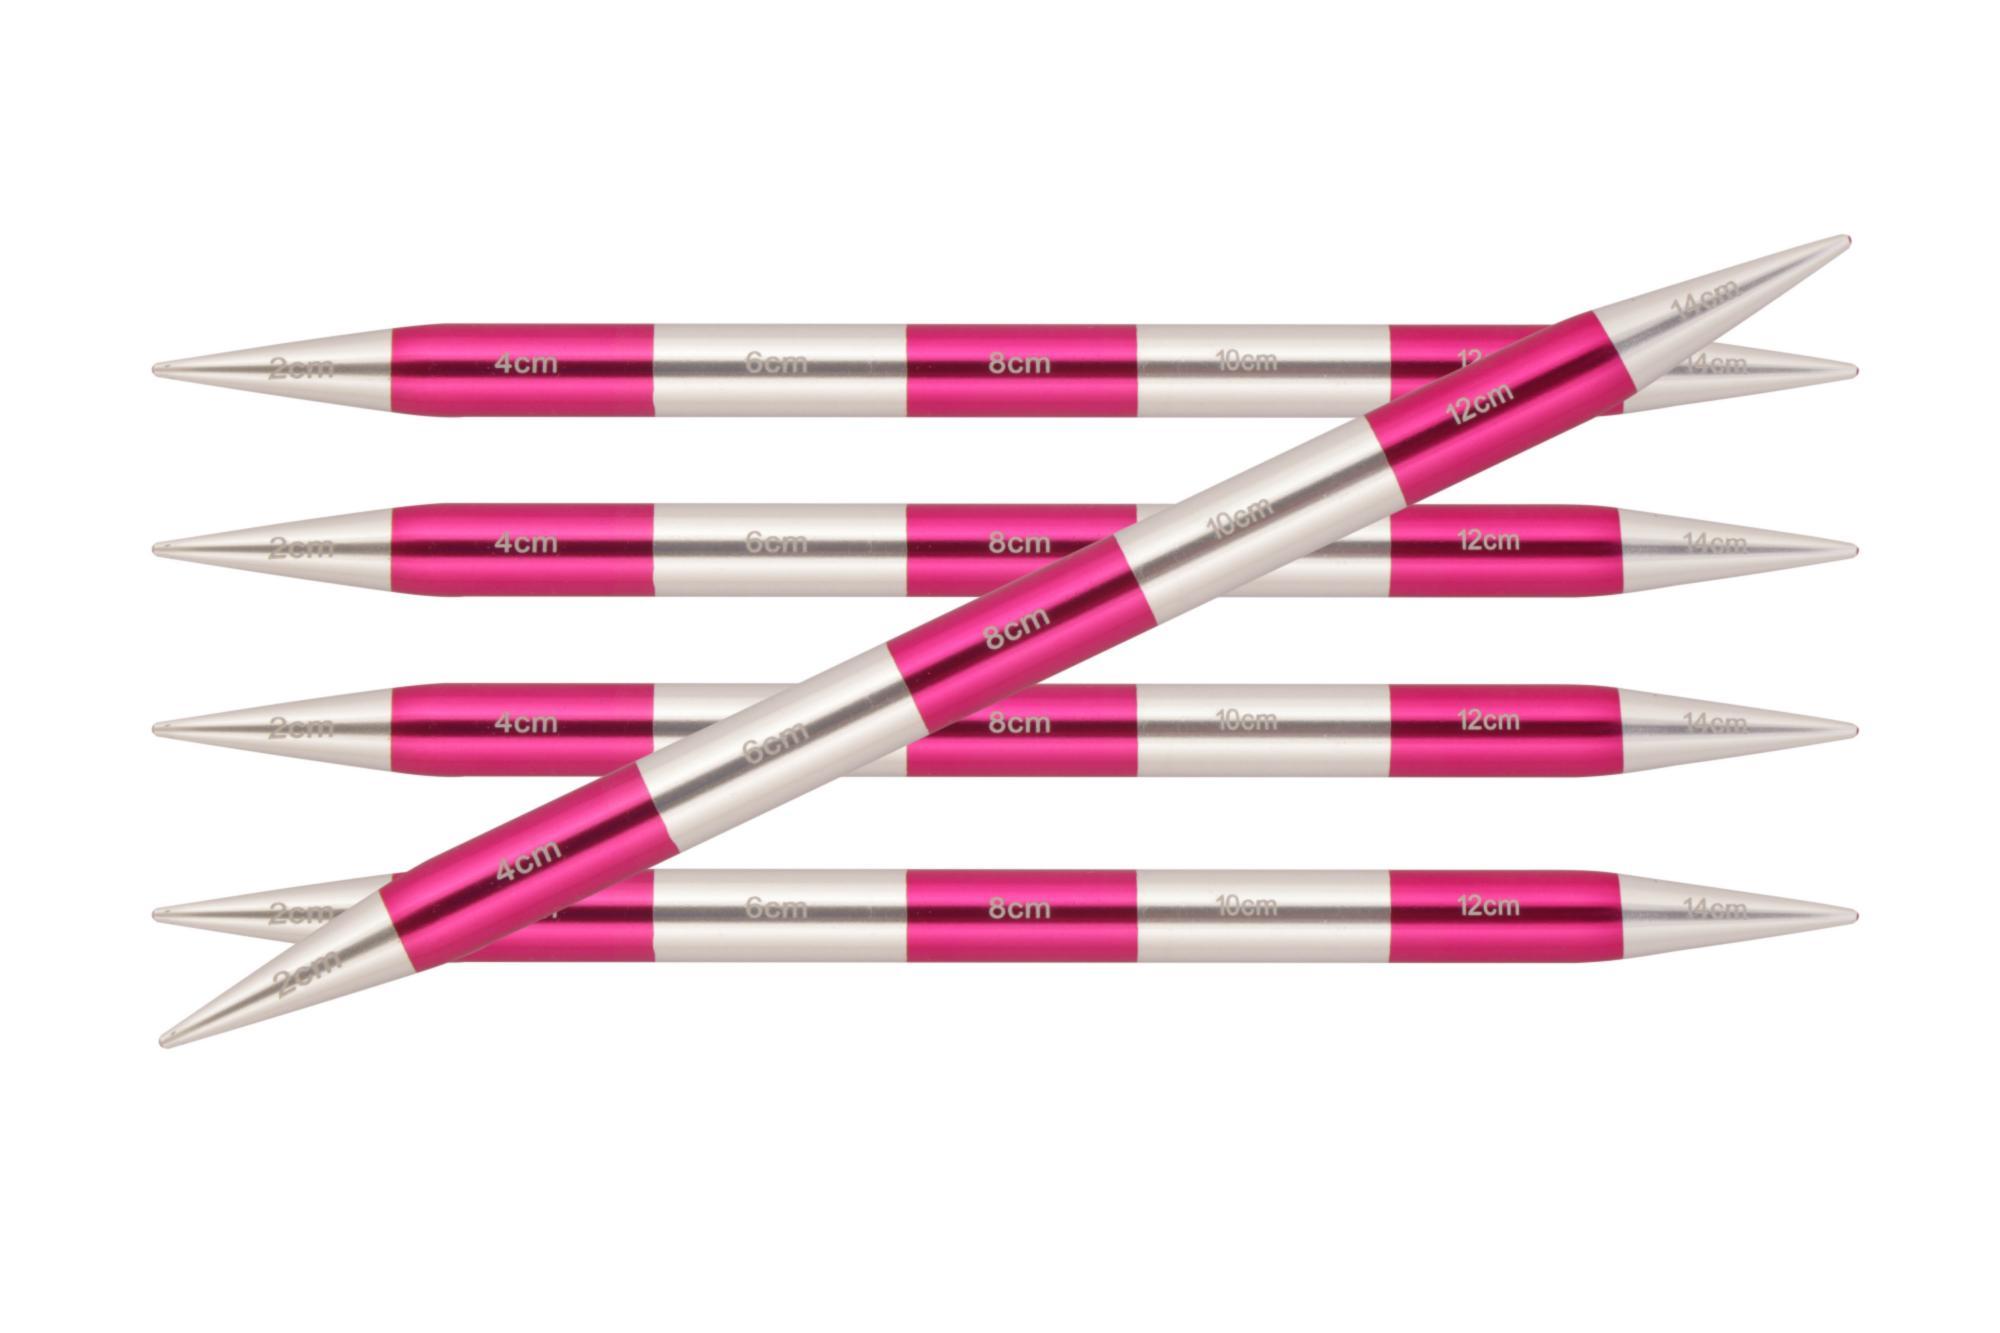 42005 Спицы носочные 3.00 мм - 14 см Smartstix KnitPro